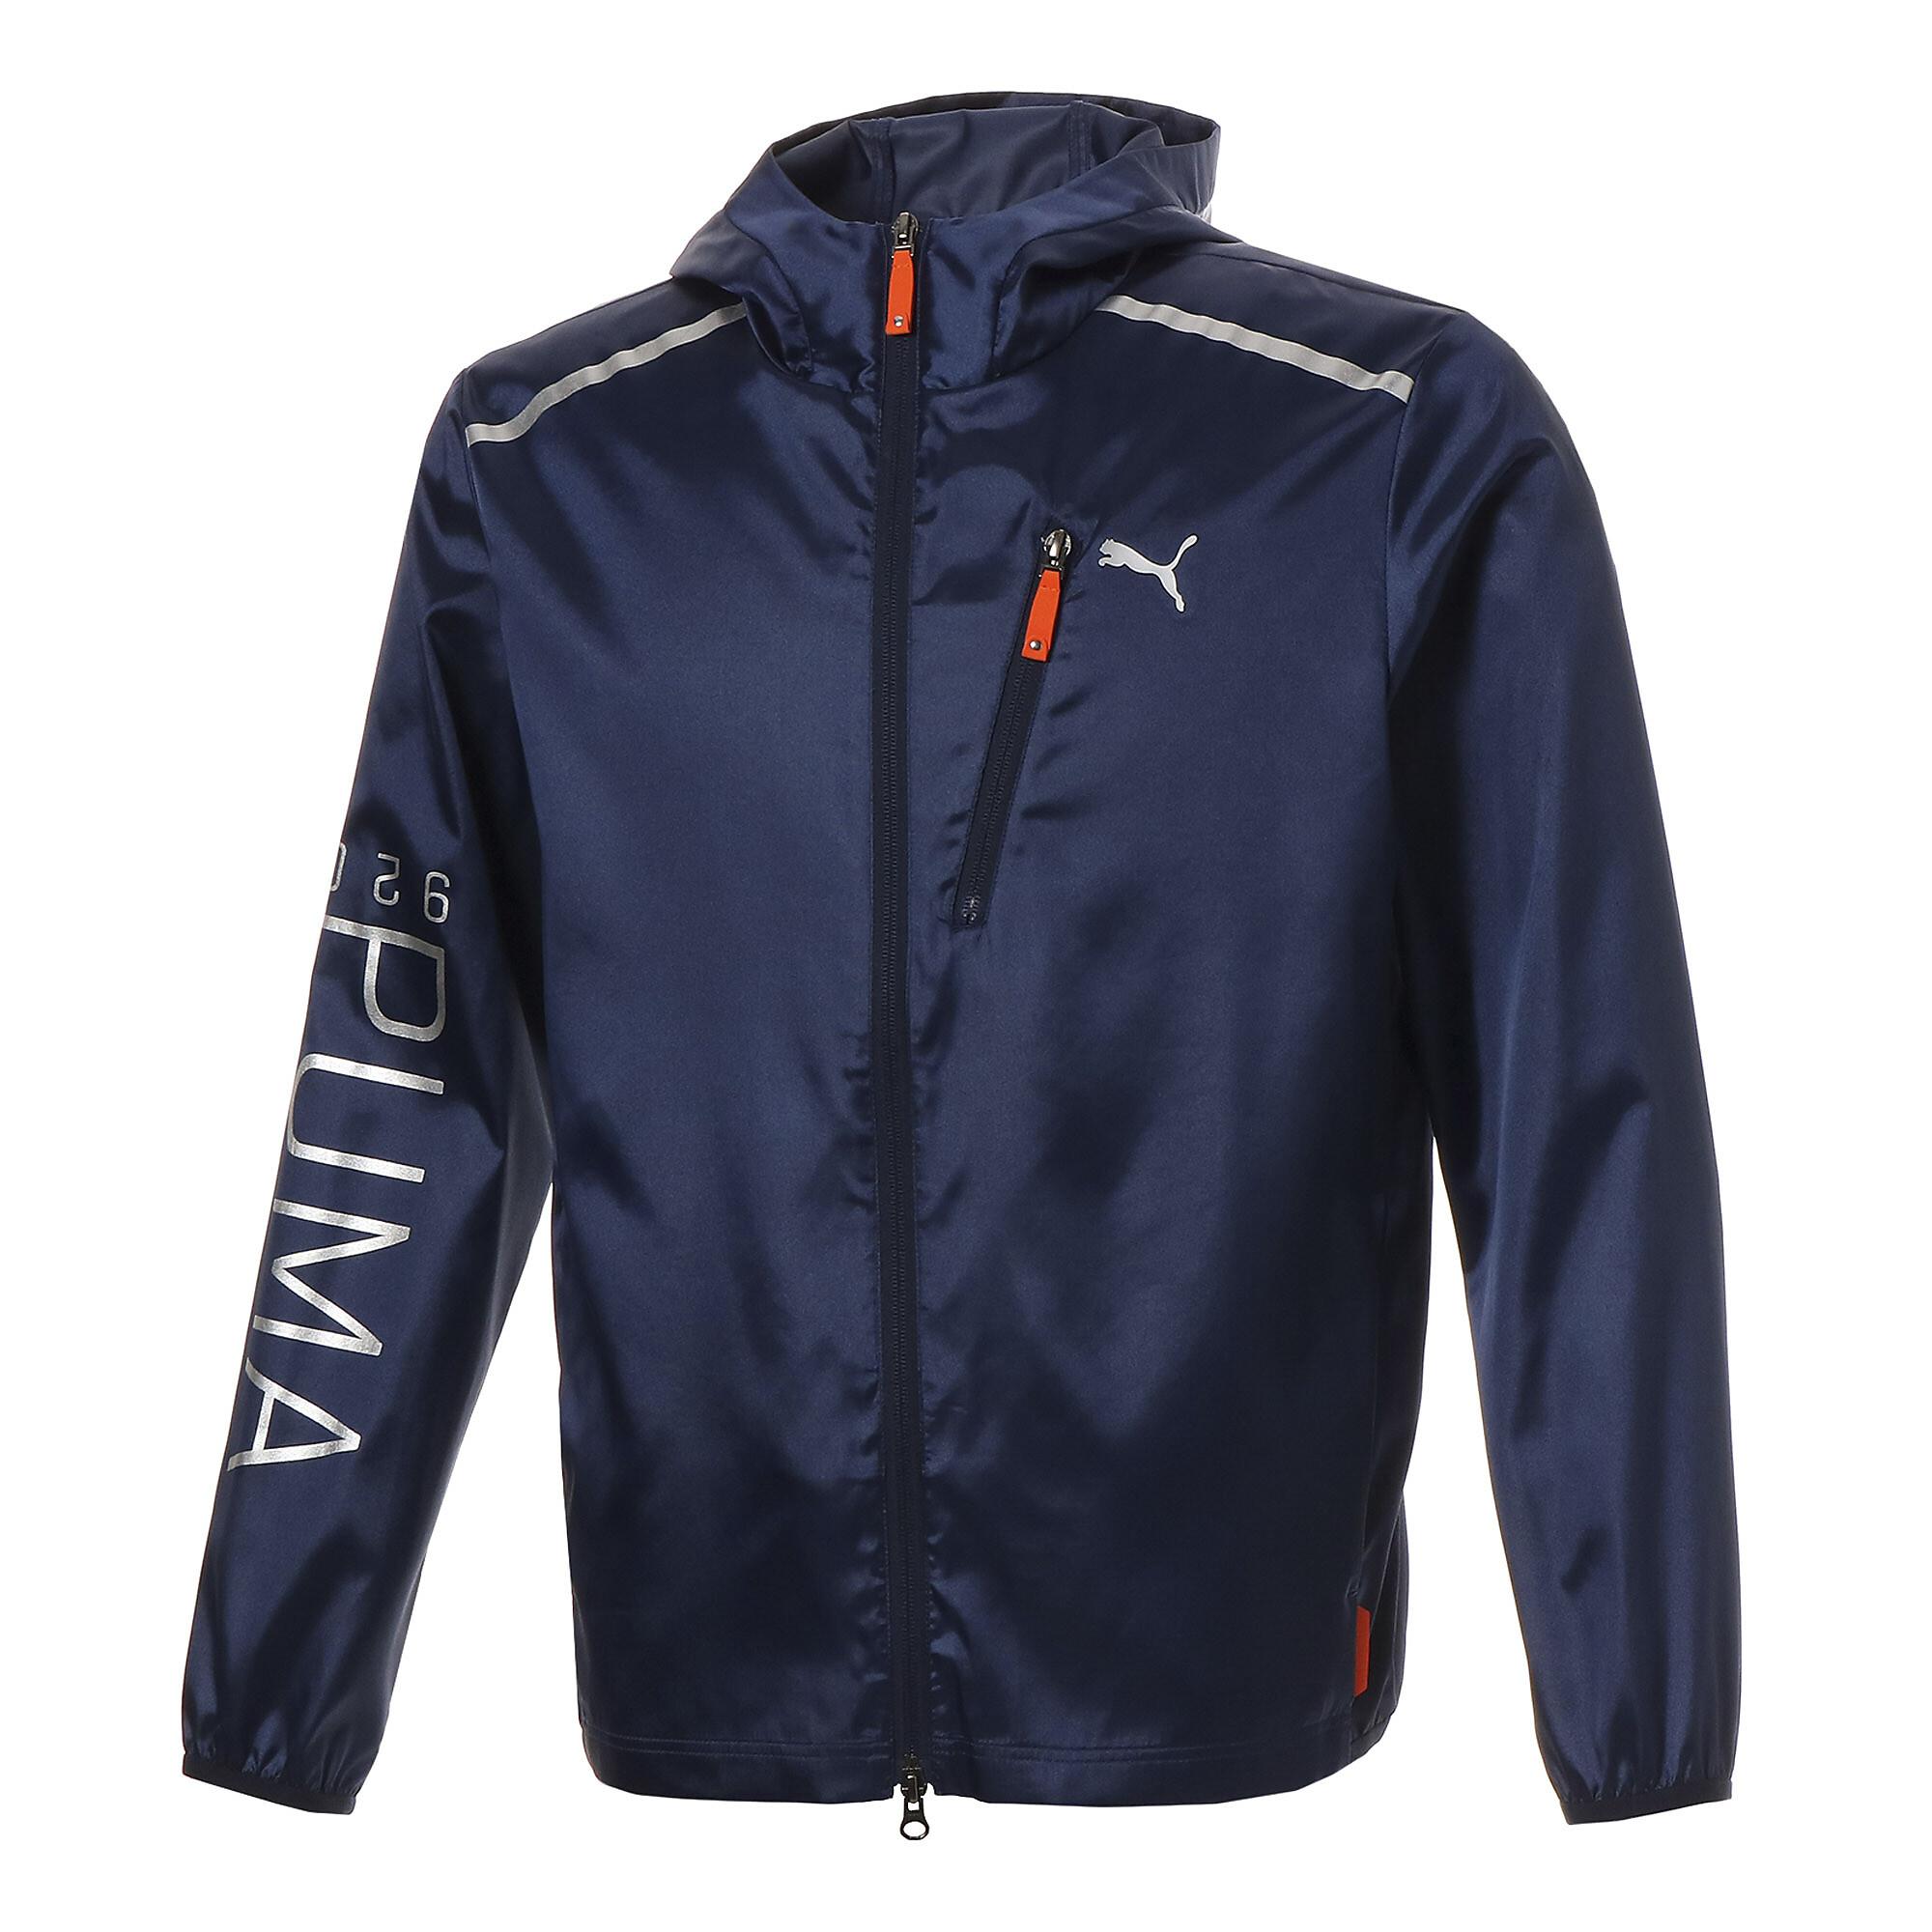 【プーマ公式通販】 プーマ ゴルフ CA ウインド ジャケット メンズ Peacoat |PUMA.com